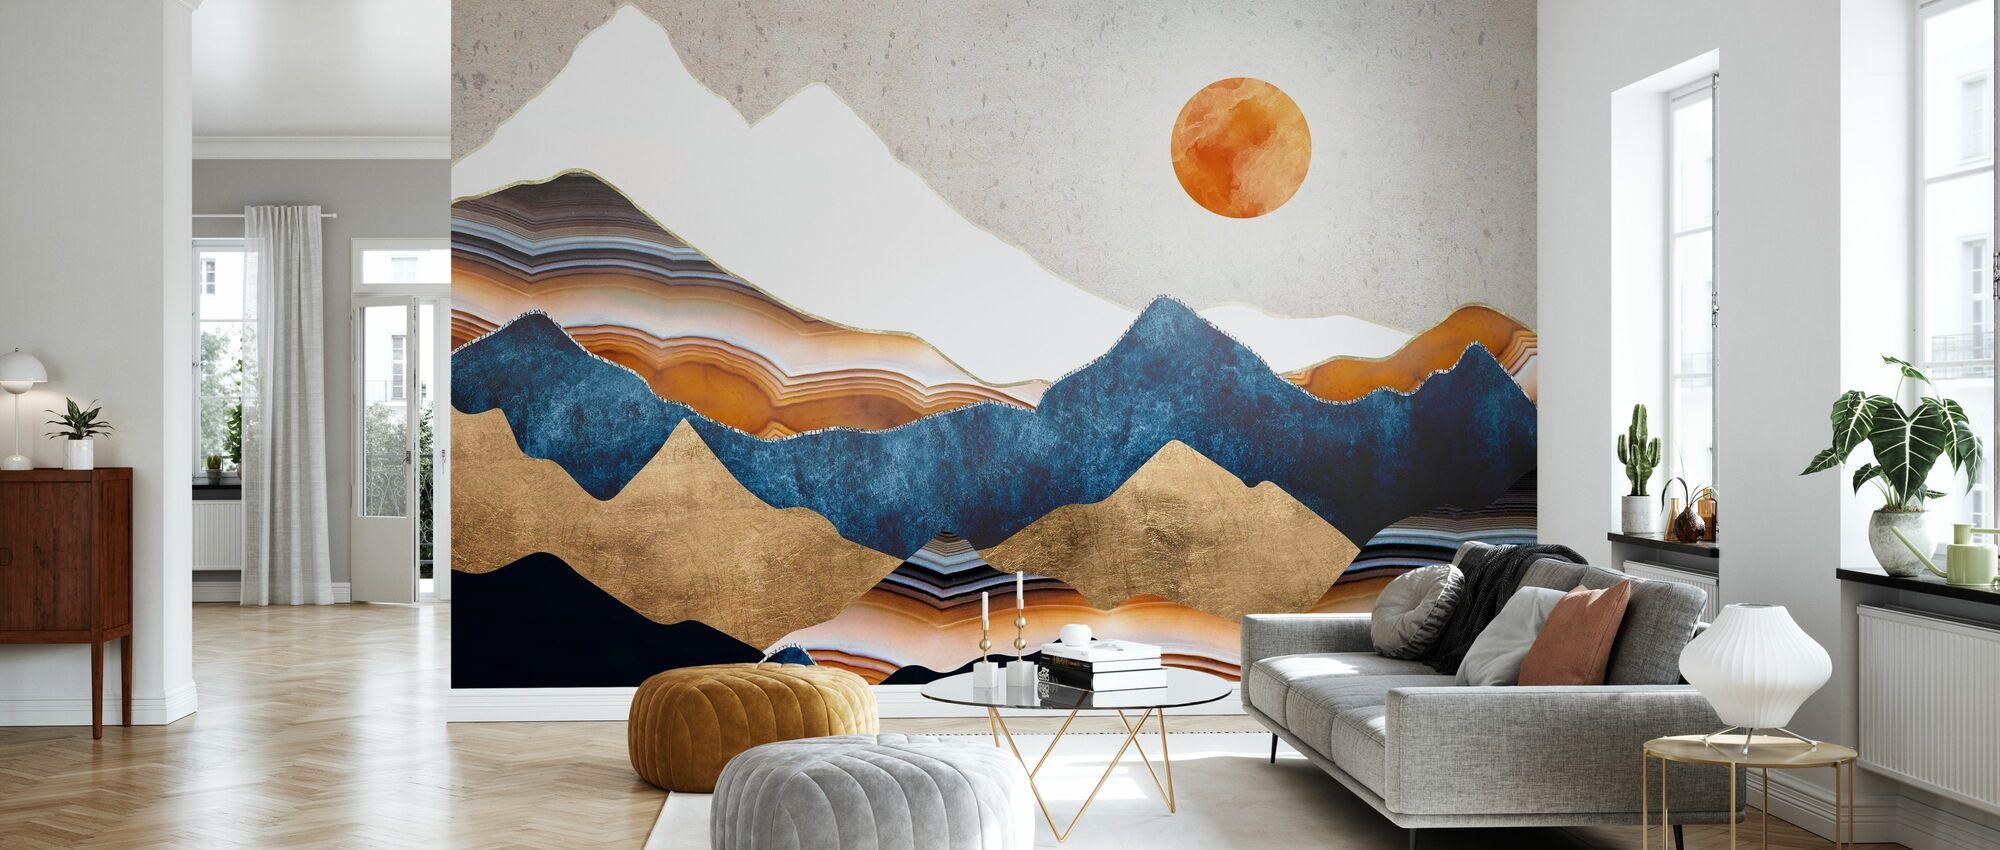 Amber Sun - Wallpaper - Living Room